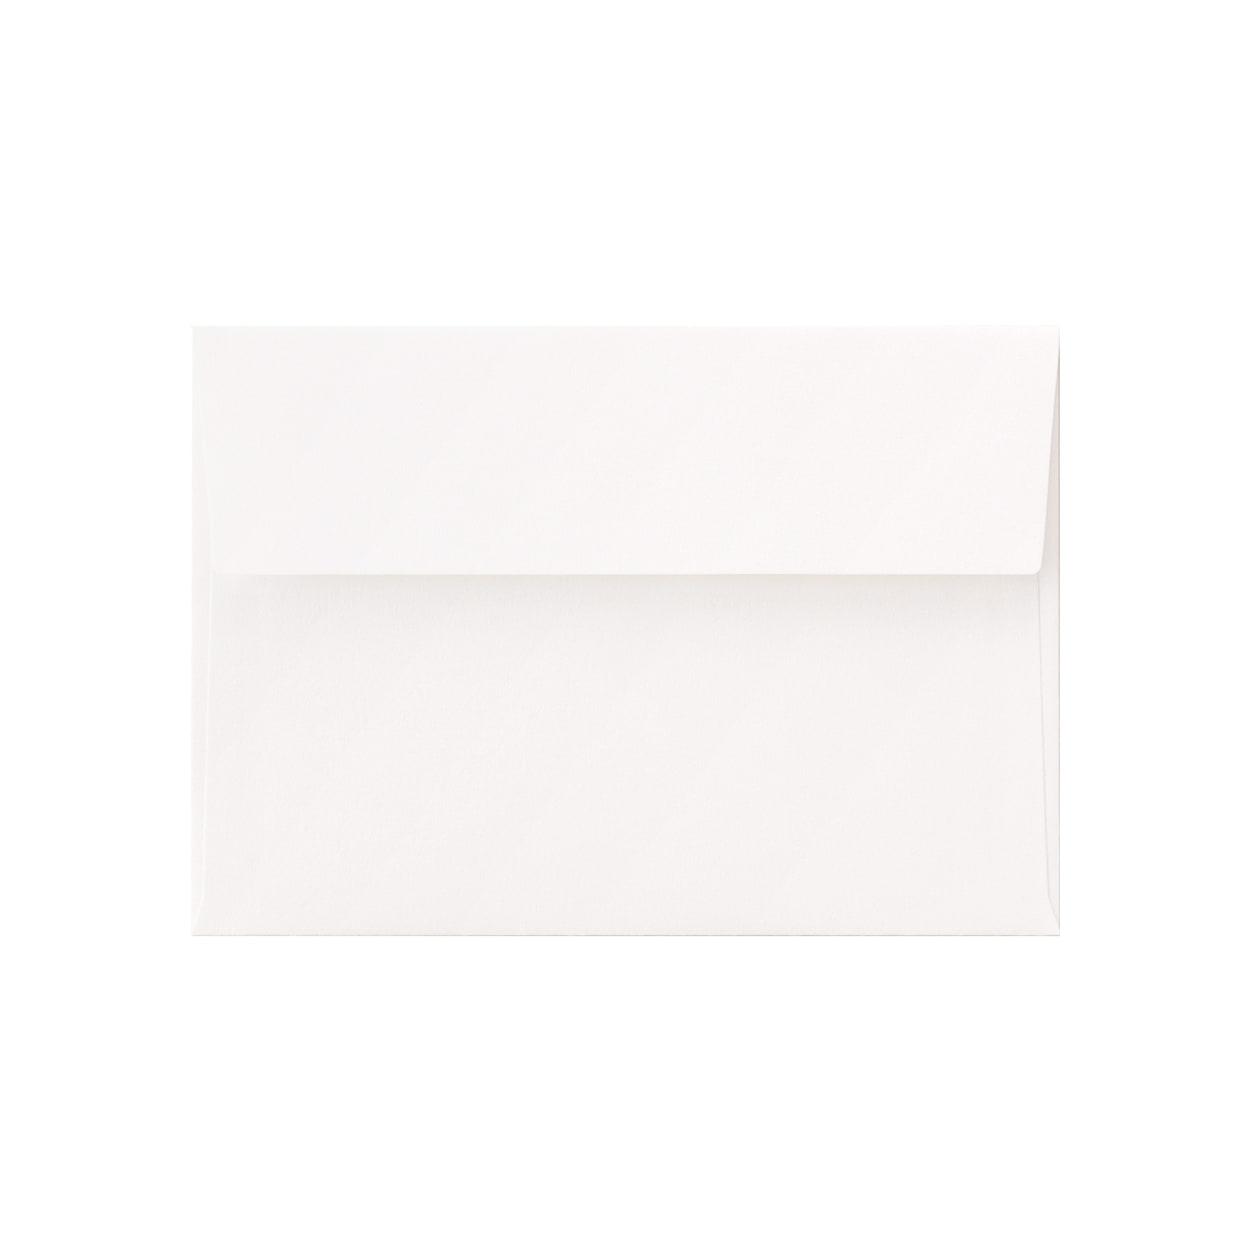 洋2カマス封筒 コットンパール スノーホワイト 125.3g